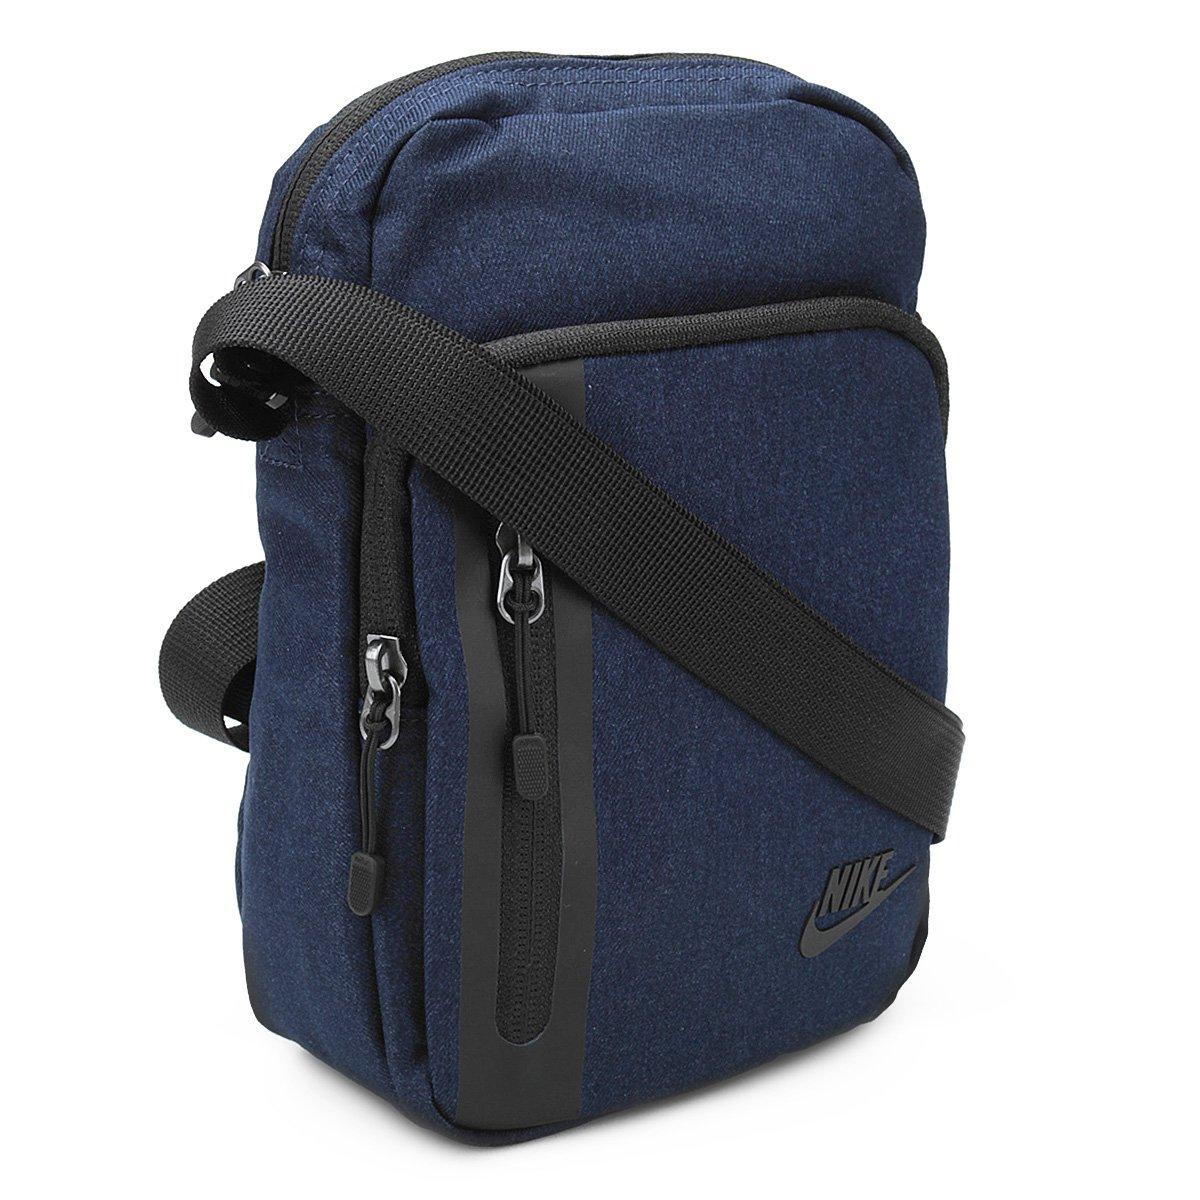 25c67ad00 Bolsa Nike Core Small Items 3.0 | Livelo -Sua Vida com Mais Recompensas